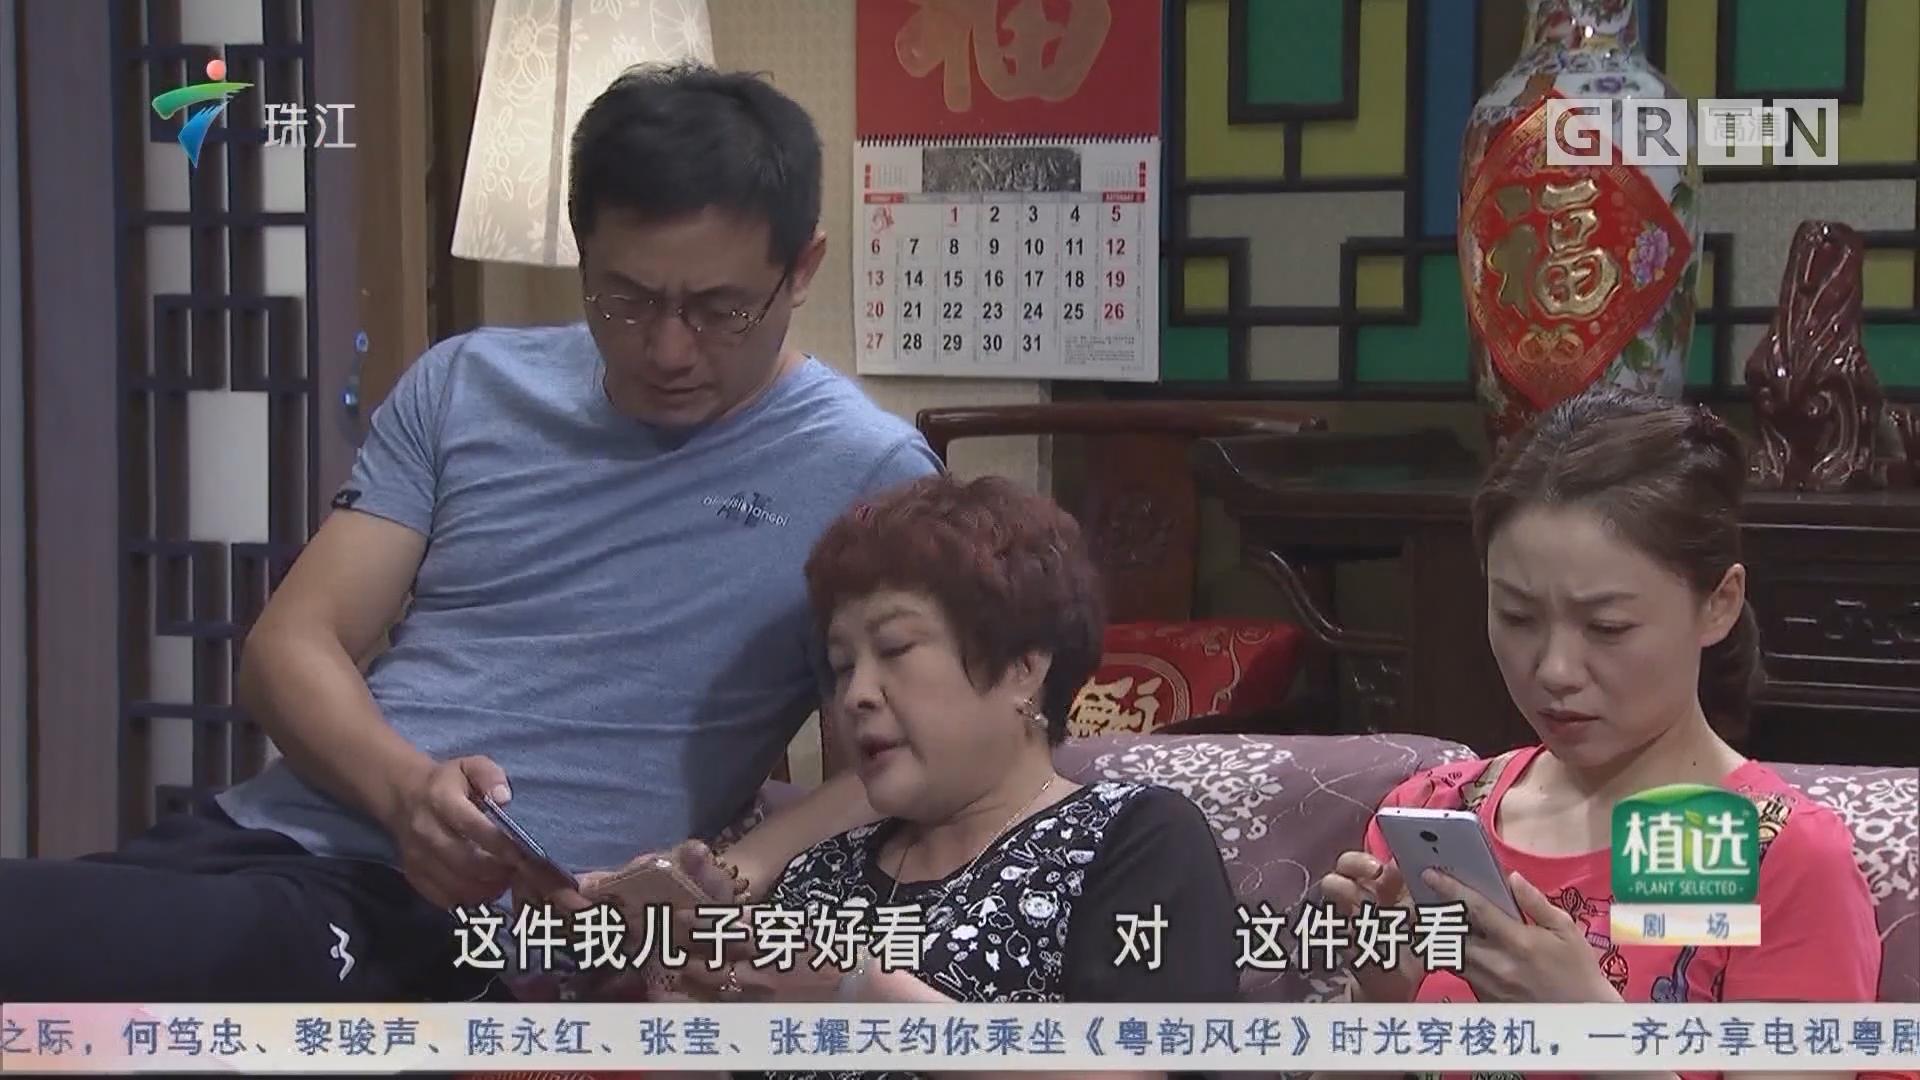 [HD][2018-12-08]外来媳妇本地郎:冤家初聚头(下)